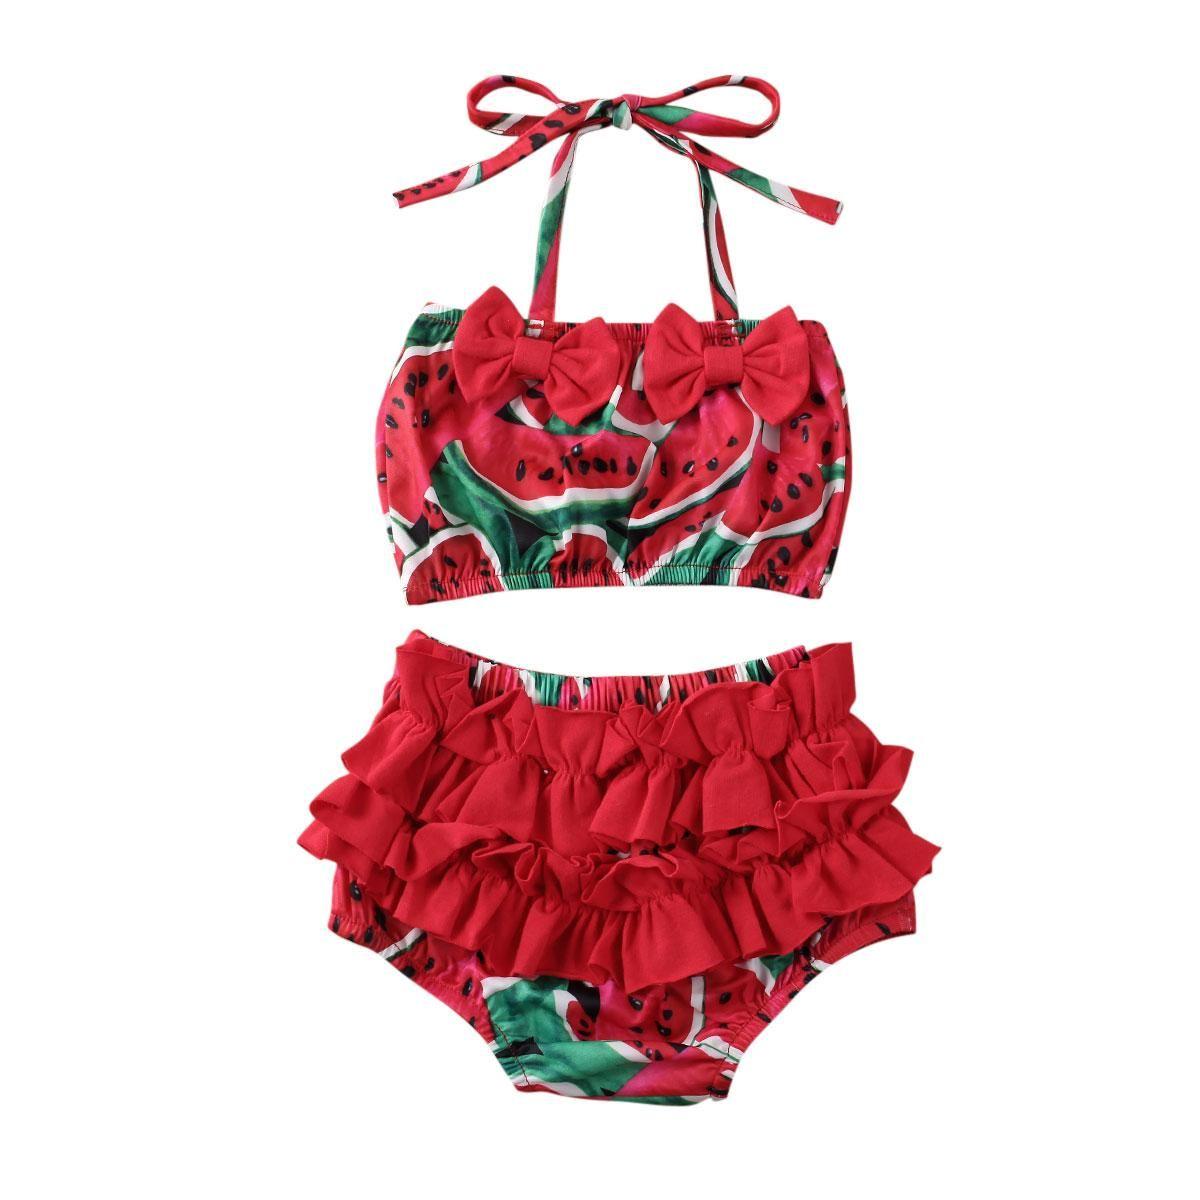 2PCS crianças Verão Baby Girl Ananás Melancia Imprimir Swimwear Crianças Crianças Bikini Set Ruffle bowknot Swimsuit Beachwear